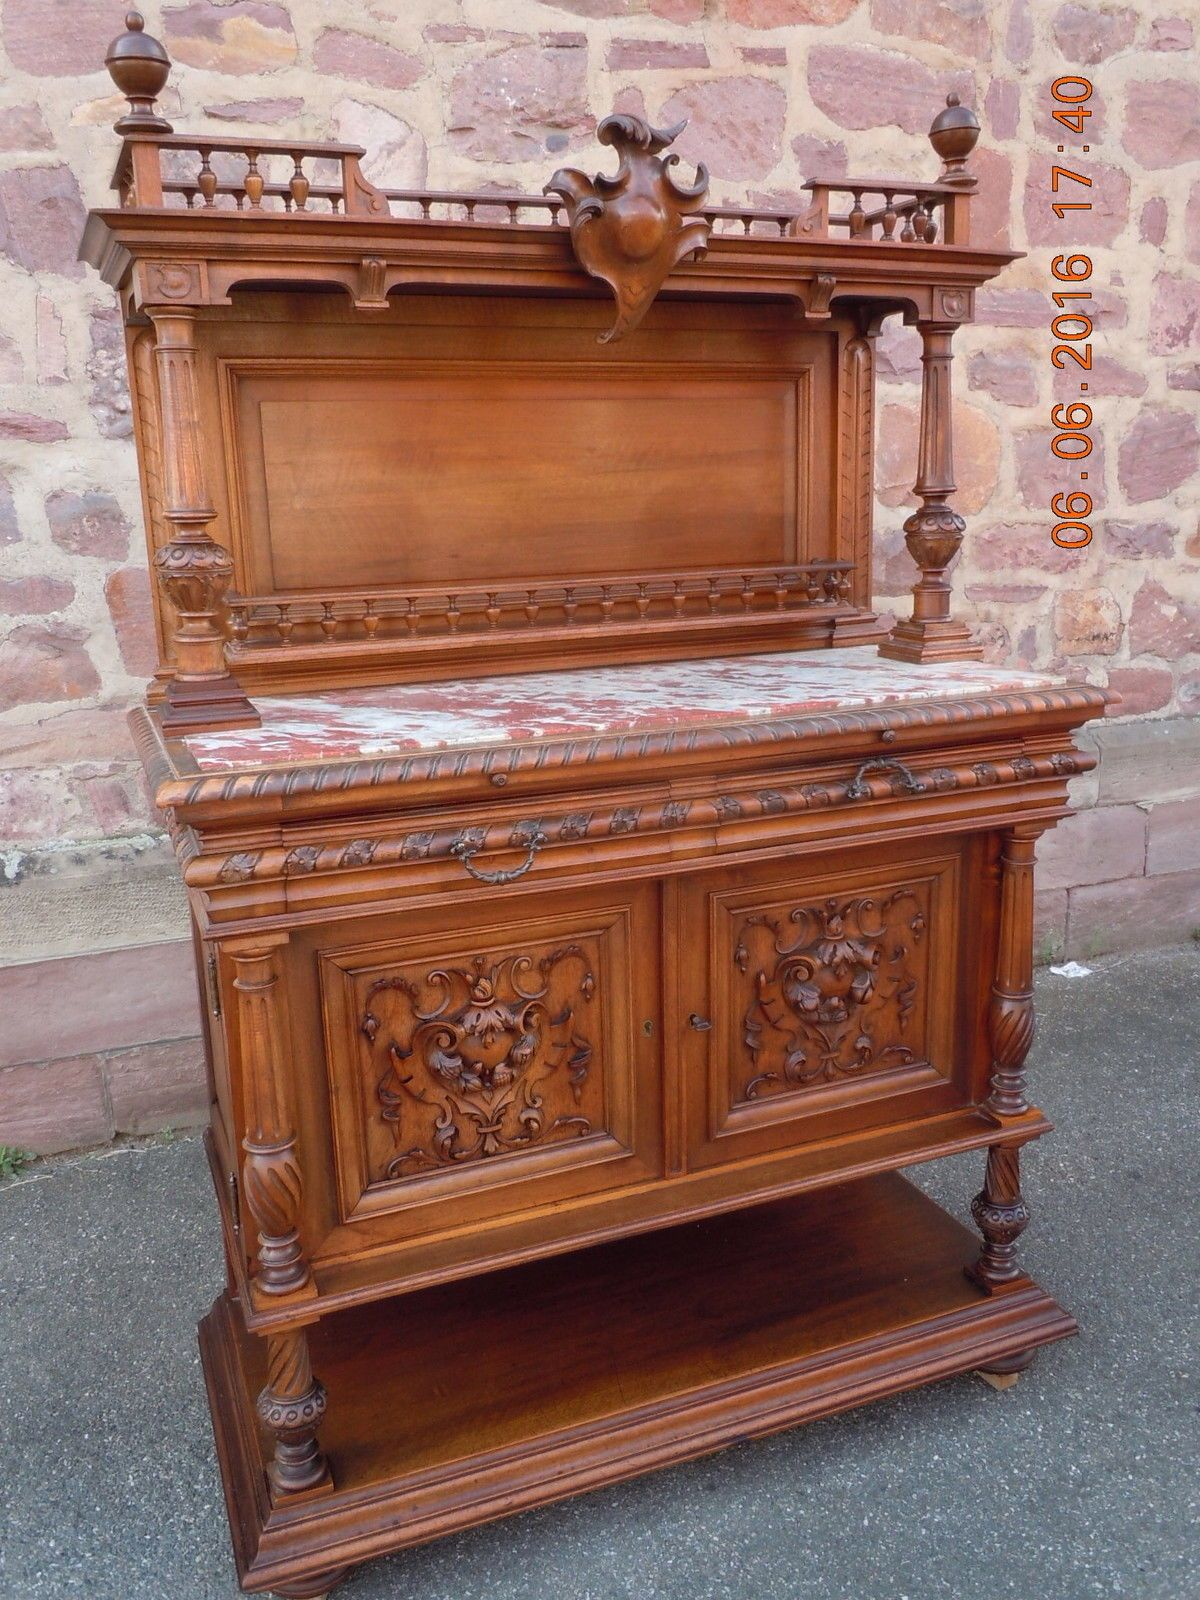 speisezimmer henri ii gr nderzeit anrichte sideboard von frankreich nussbaum in antiquit ten. Black Bedroom Furniture Sets. Home Design Ideas